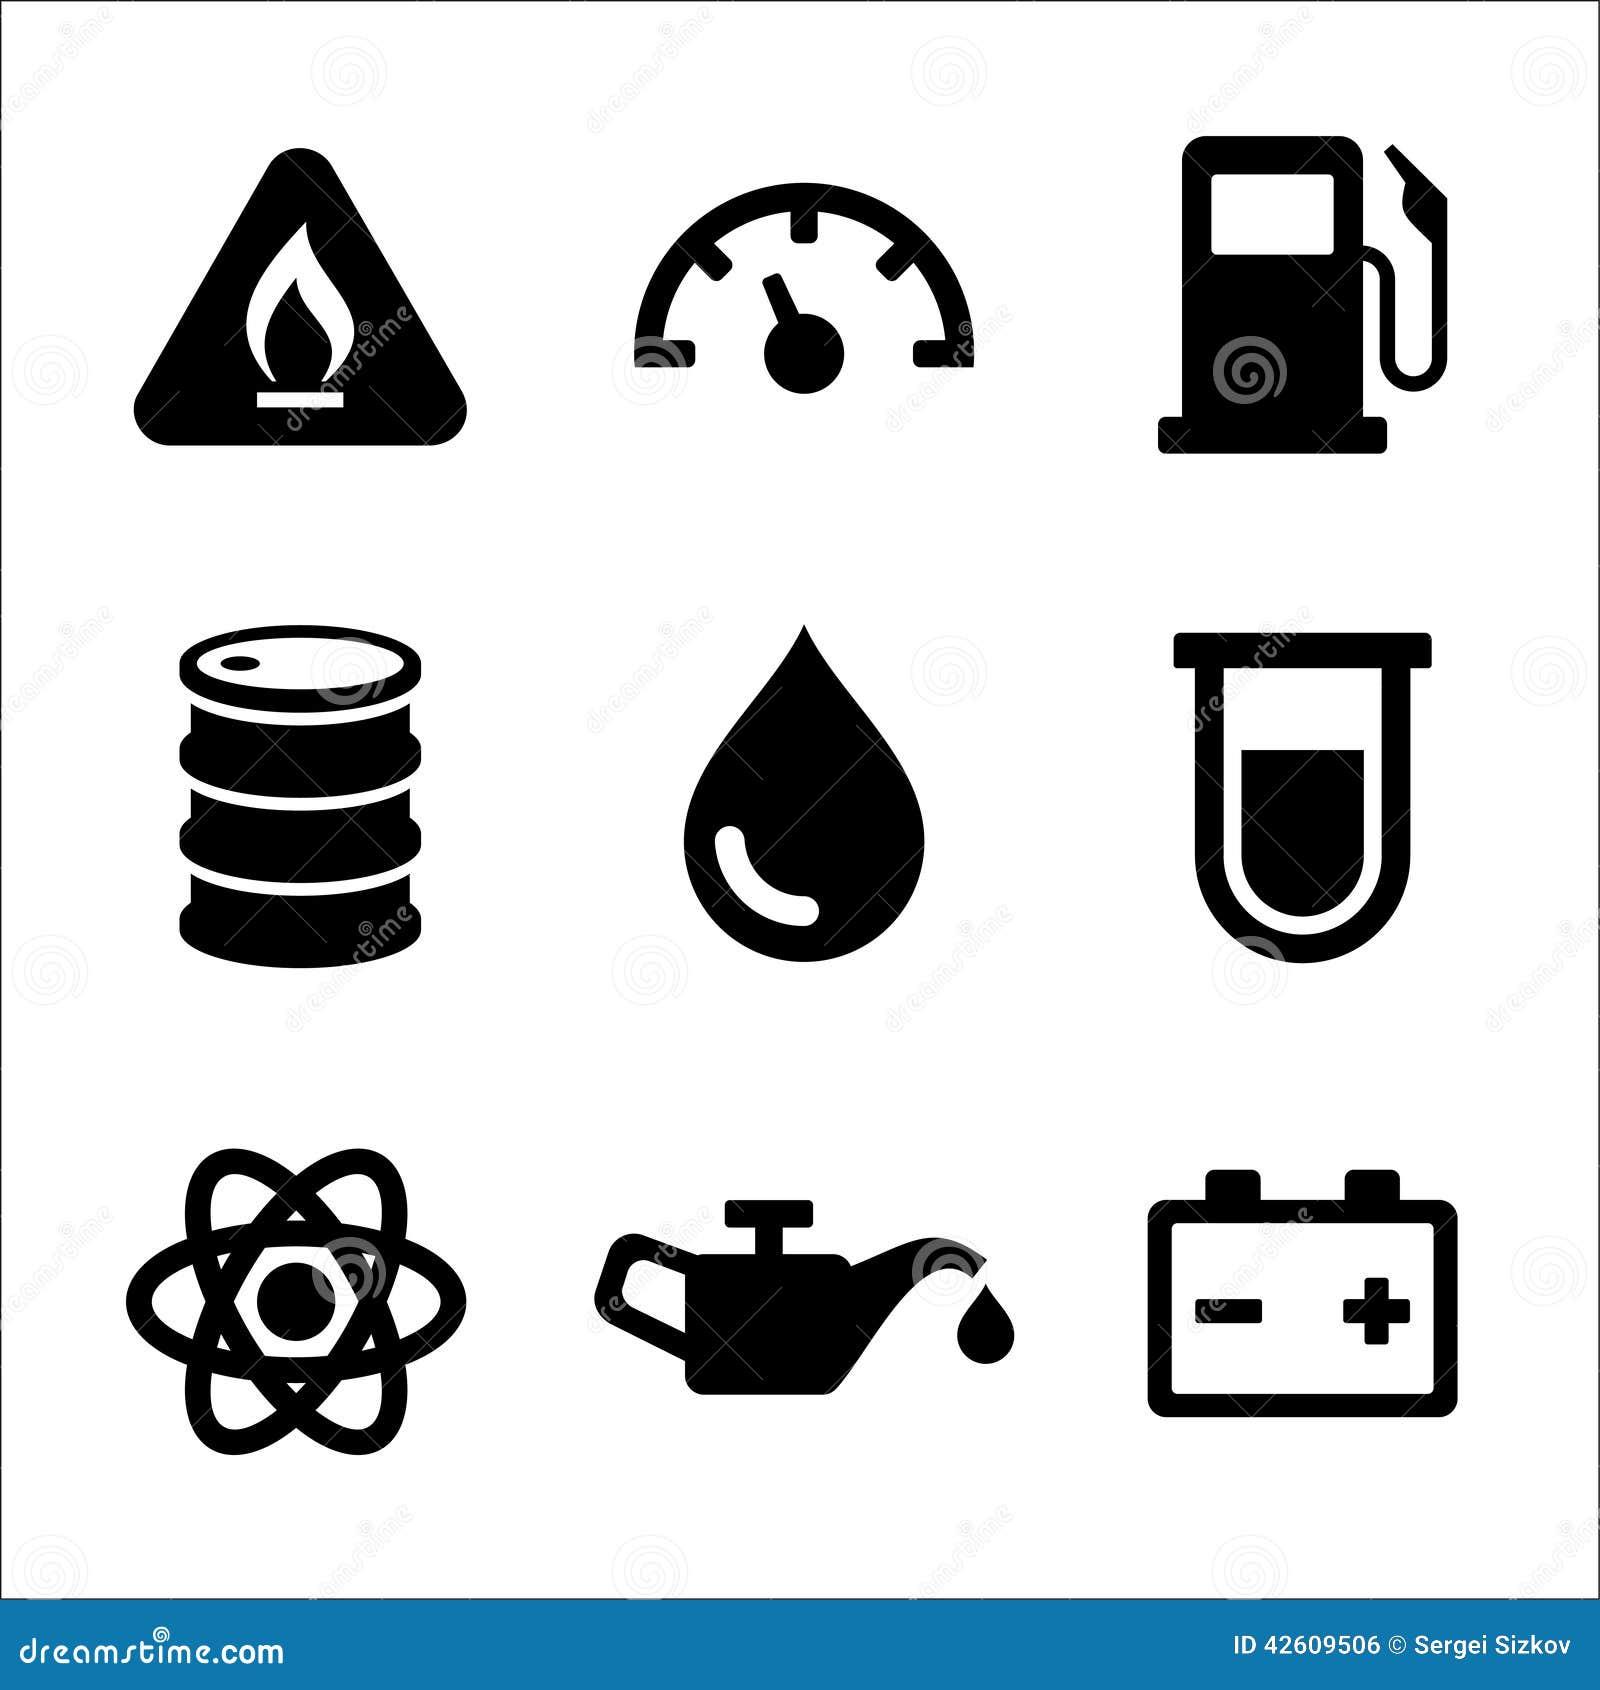 El aparato para la definición del número de octano de las gasolinas